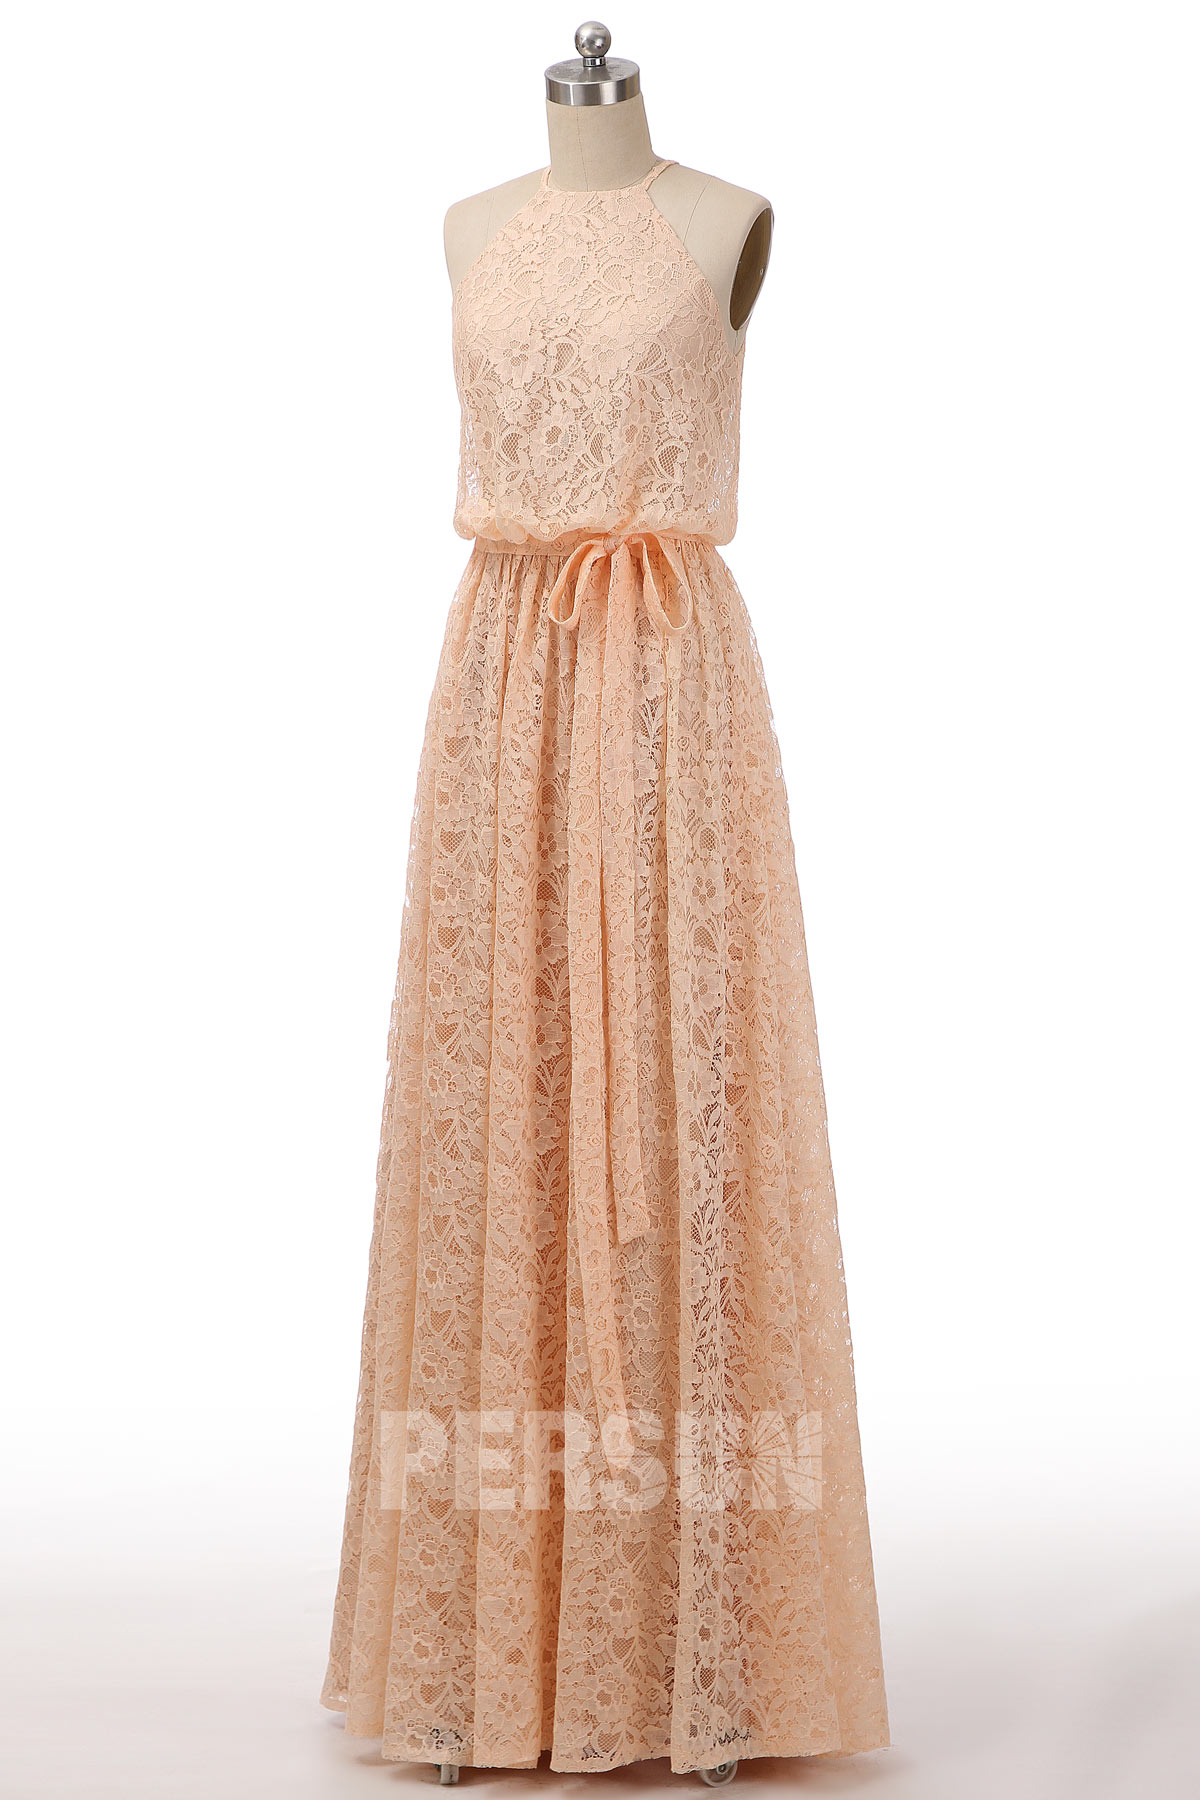 robe demoiselle d'honneur longue nude col halter en dentelle avec ceinture noeud papillon